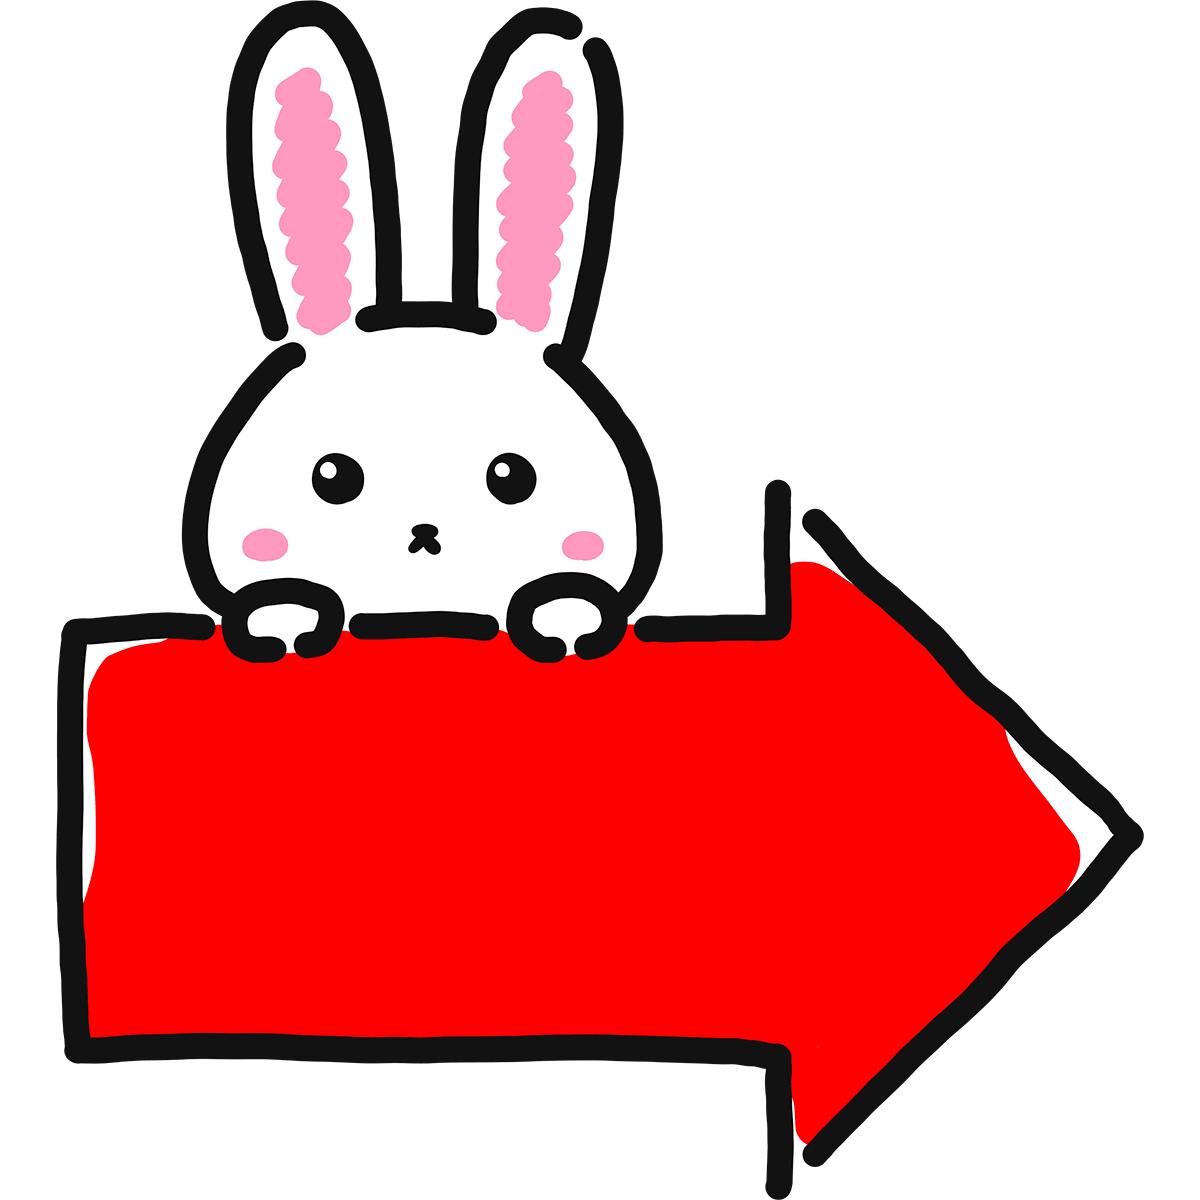 【手描き】ウサギと矢印の無料イラスト